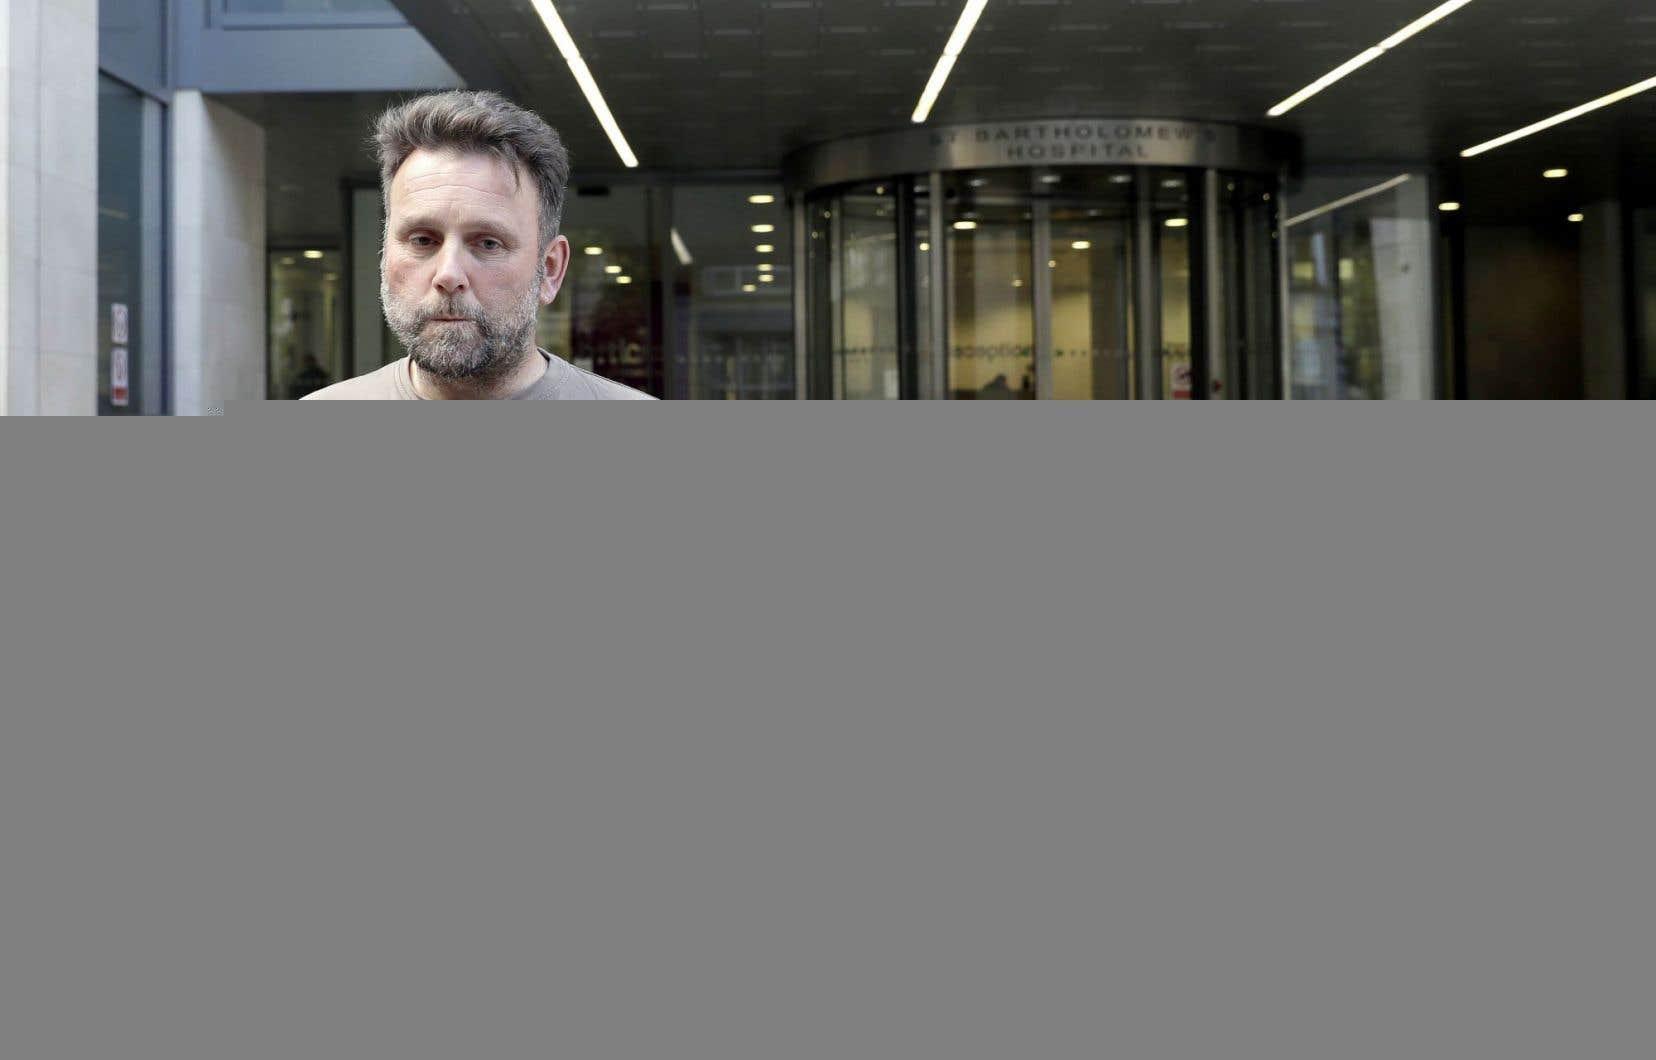 La cyberattaque mondiale a touché vendredi l'hôpital britannique où Patrick Ward, directeur des ventes d'une compagnie de crème glacée de Dorset, devait subir une opération au cœur.